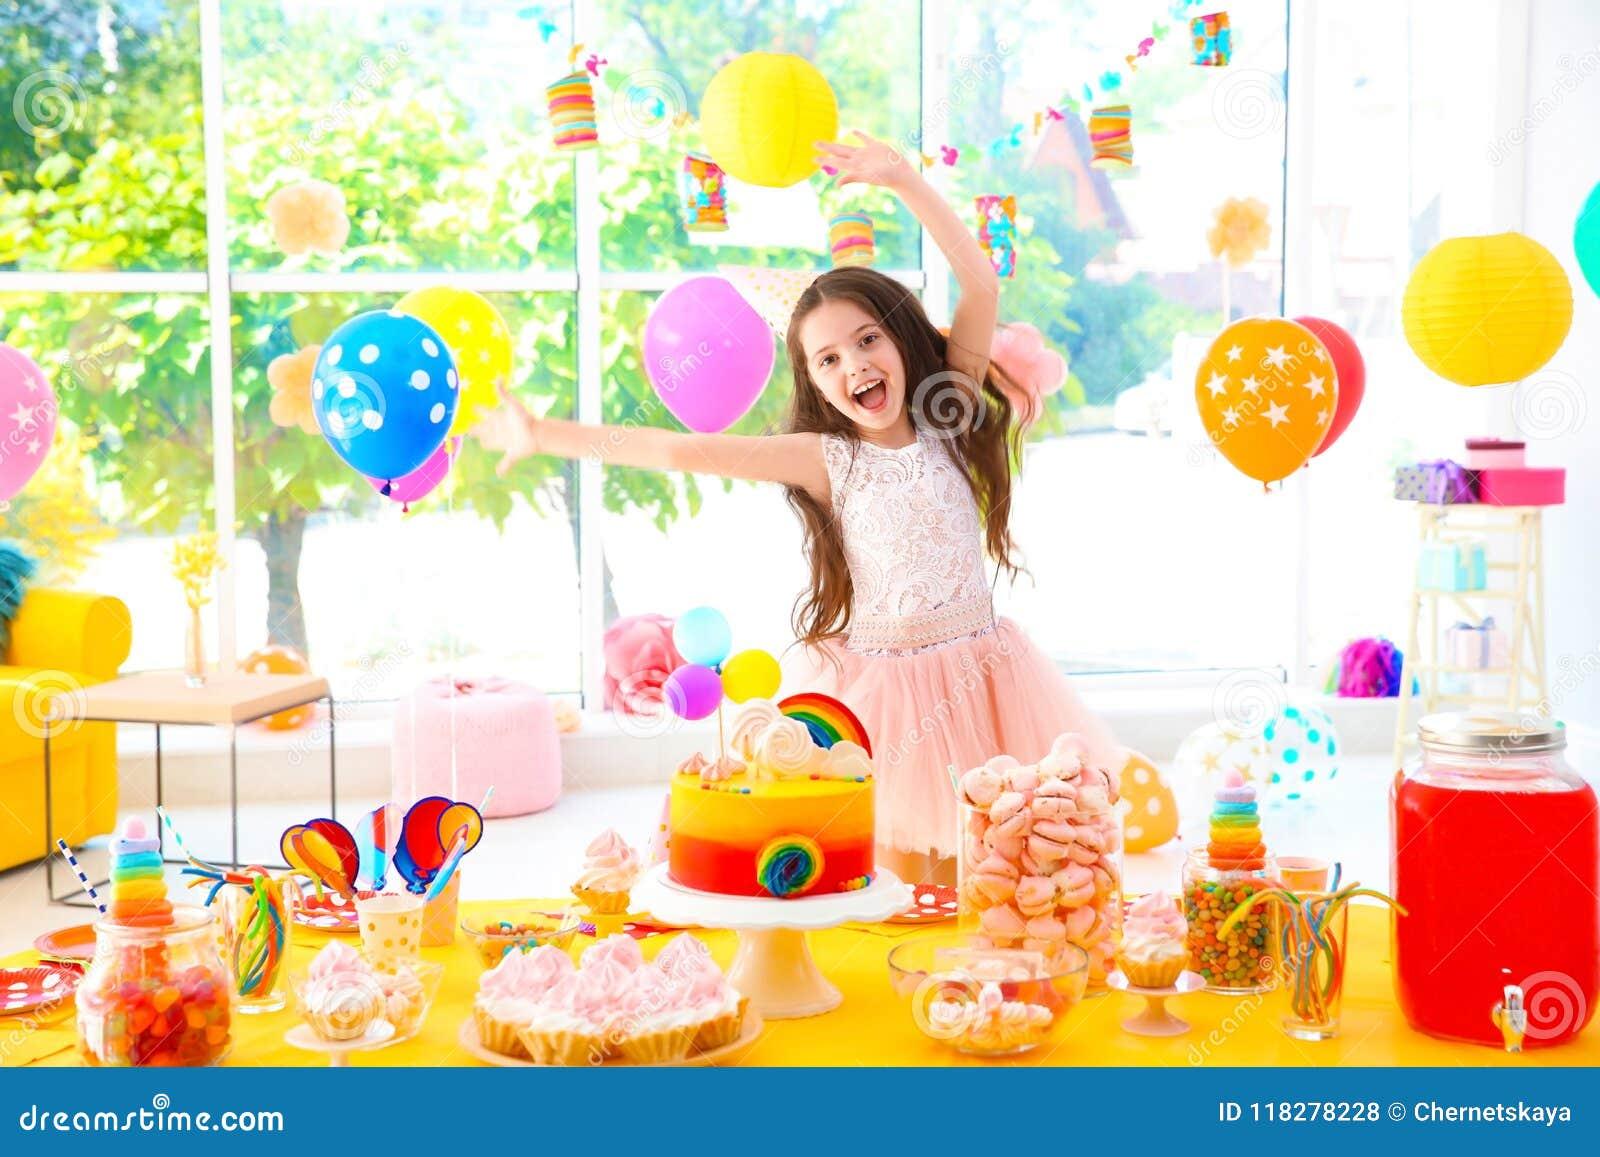 Petite fille mignonne près de table avec des festins à la fête d anniversaire